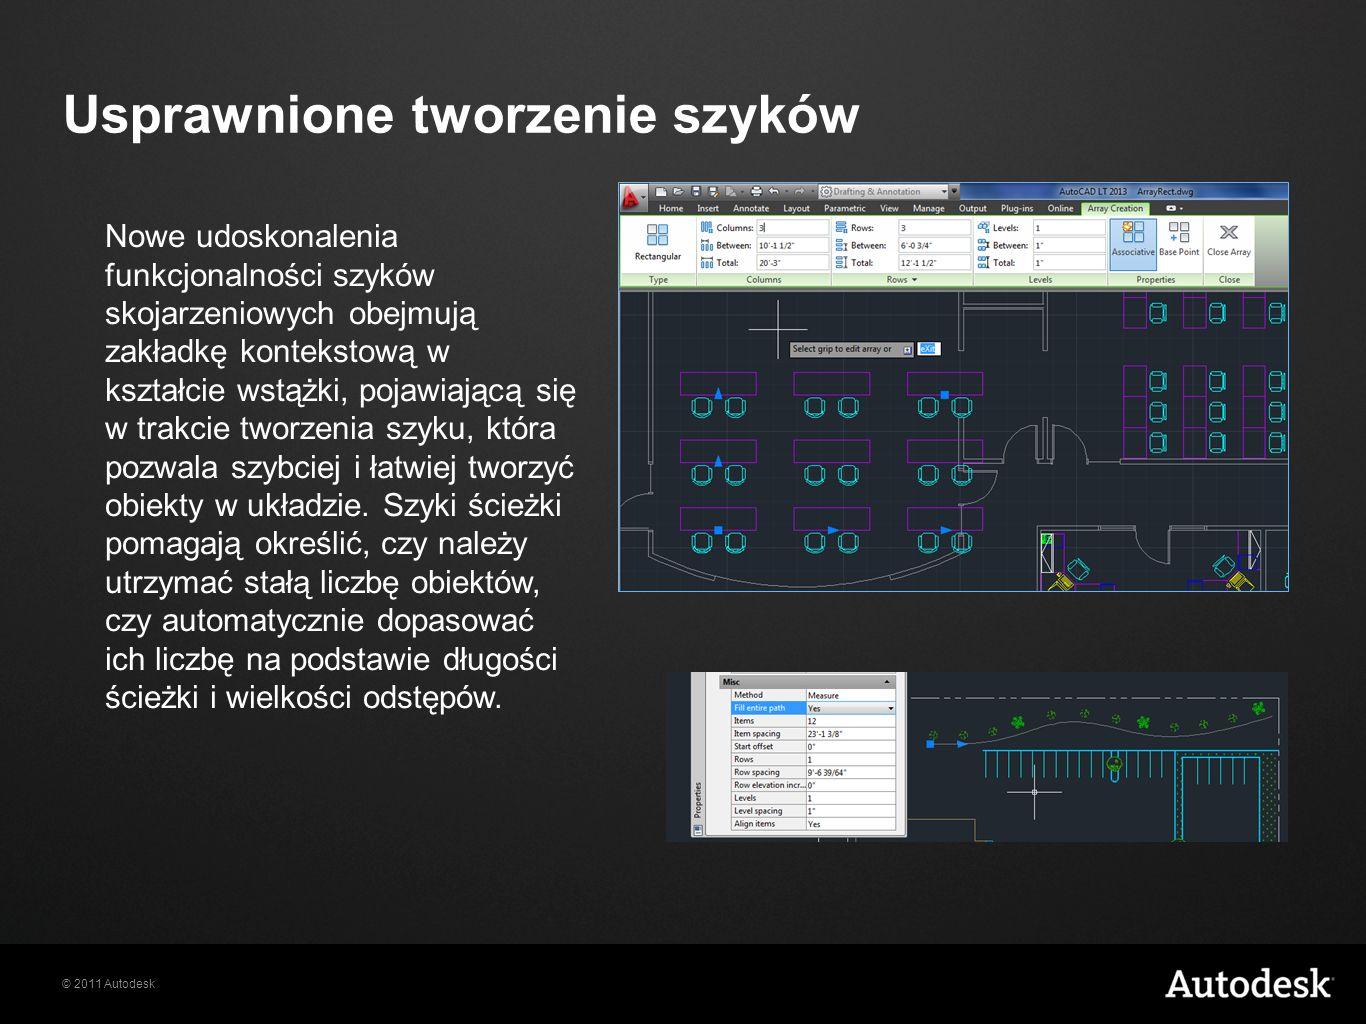 © 2011 Autodesk Usprawnione tworzenie szyków Nowe udoskonalenia funkcjonalności szyków skojarzeniowych obejmują zakładkę kontekstową w kształcie wstążki, pojawiającą się w trakcie tworzenia szyku, która pozwala szybciej i łatwiej tworzyć obiekty w układzie.